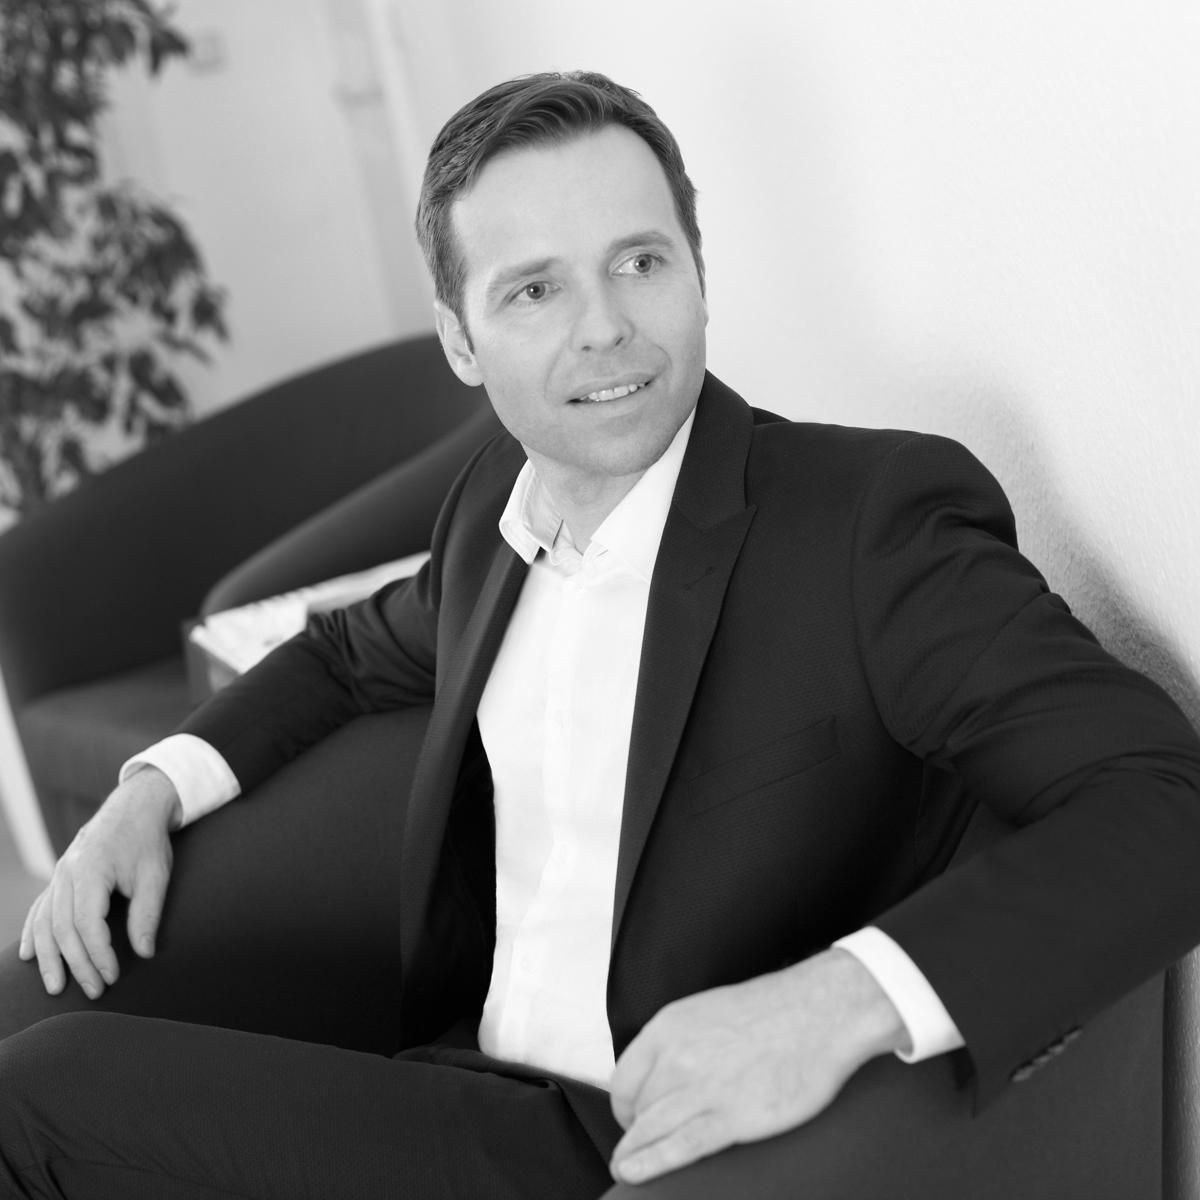 Norbert Fritsche | Steuerberater und Inhaber der itax Steuerberatungsgesellschaft mbH Gera